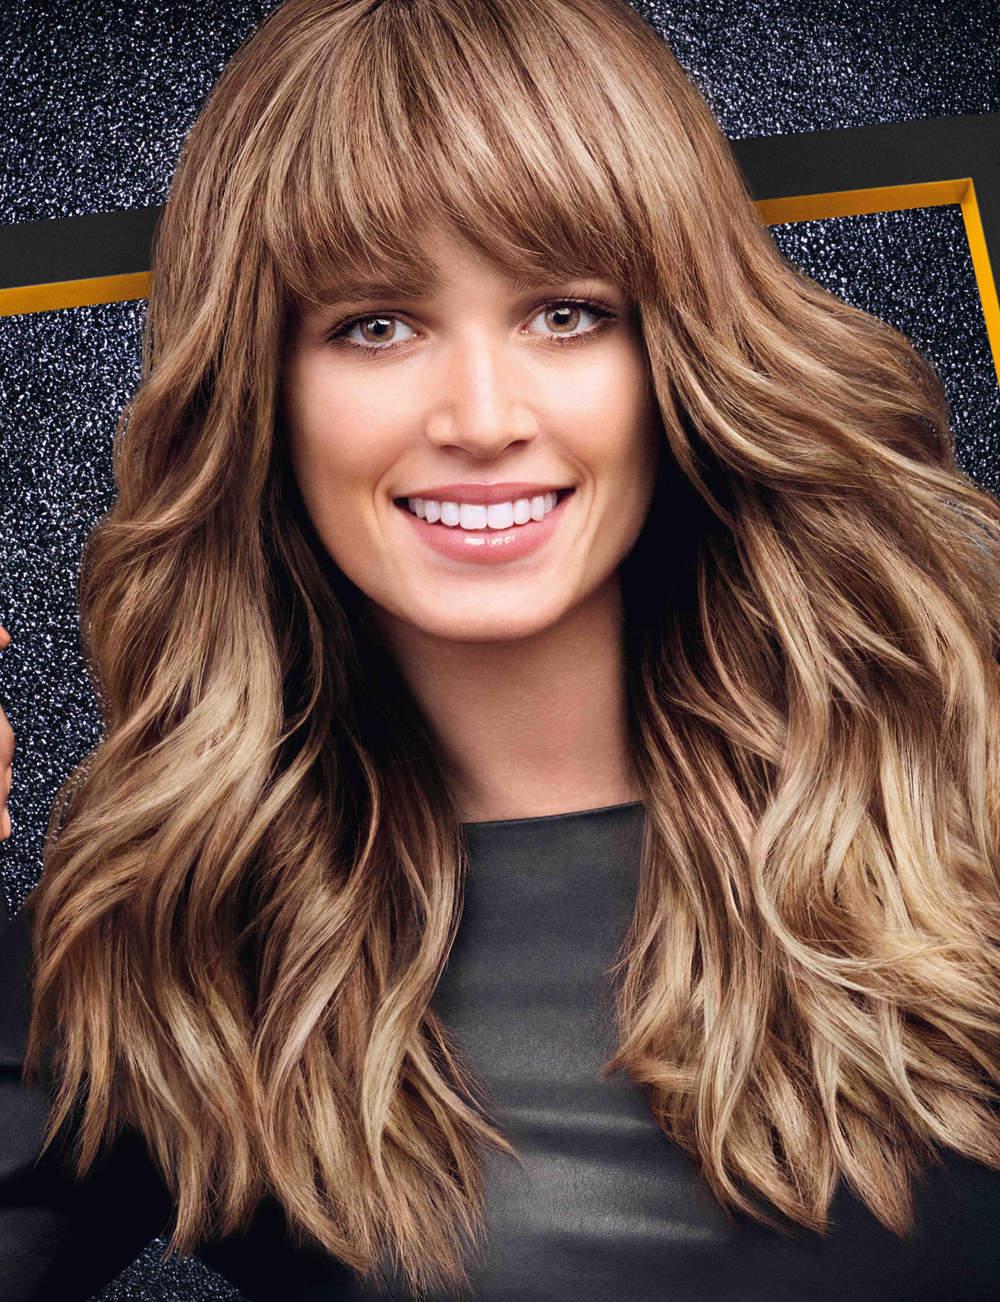 Couleur Cheveux Noisette Caramel